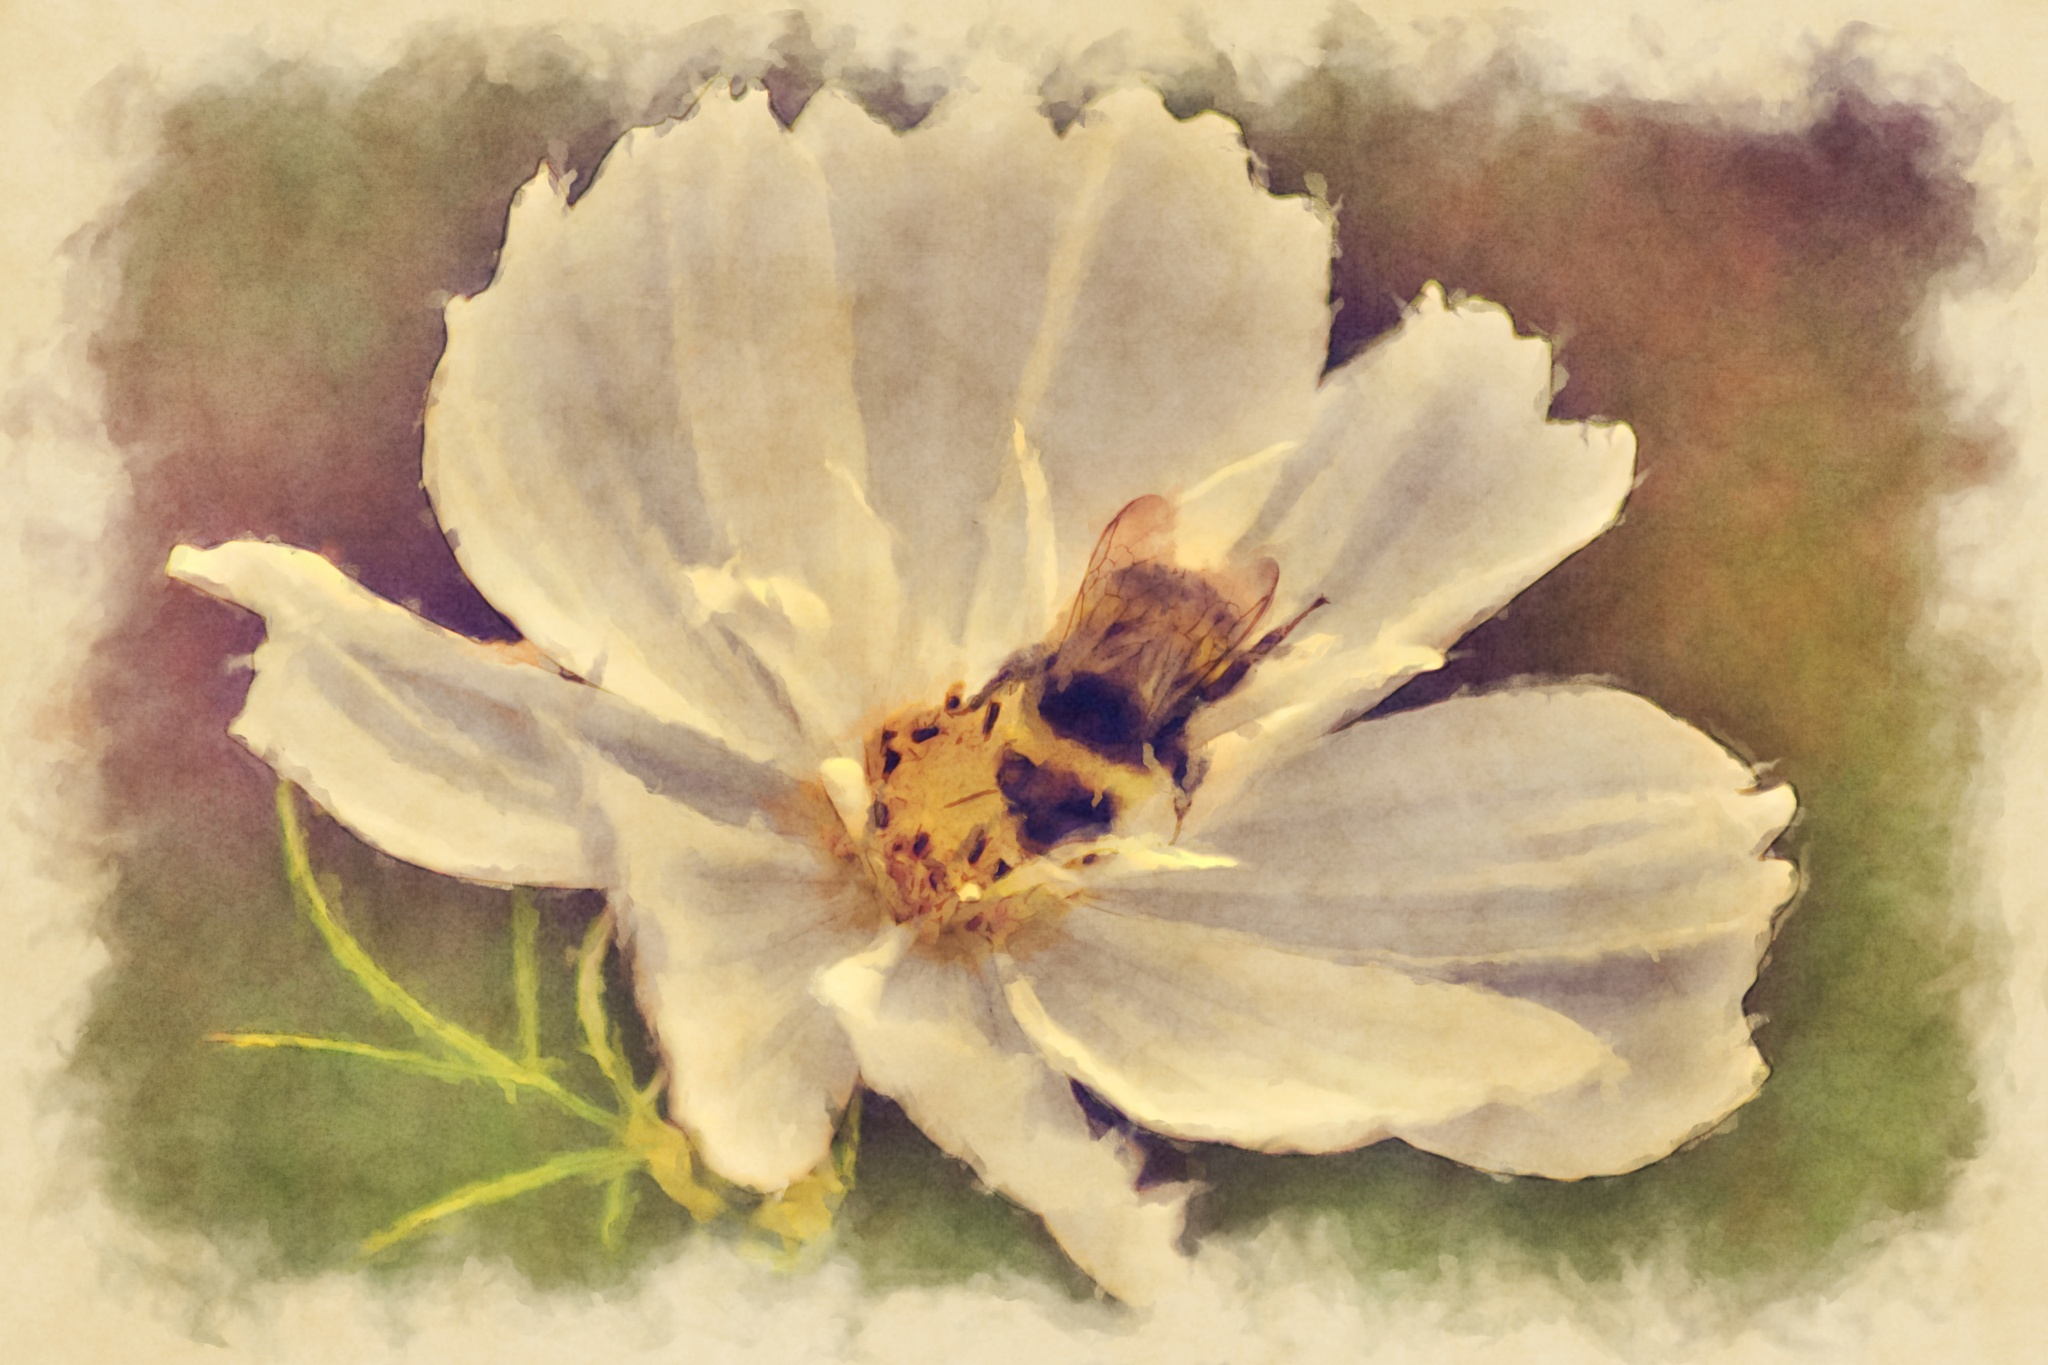 Flower & bee by Ibolya Szebeni